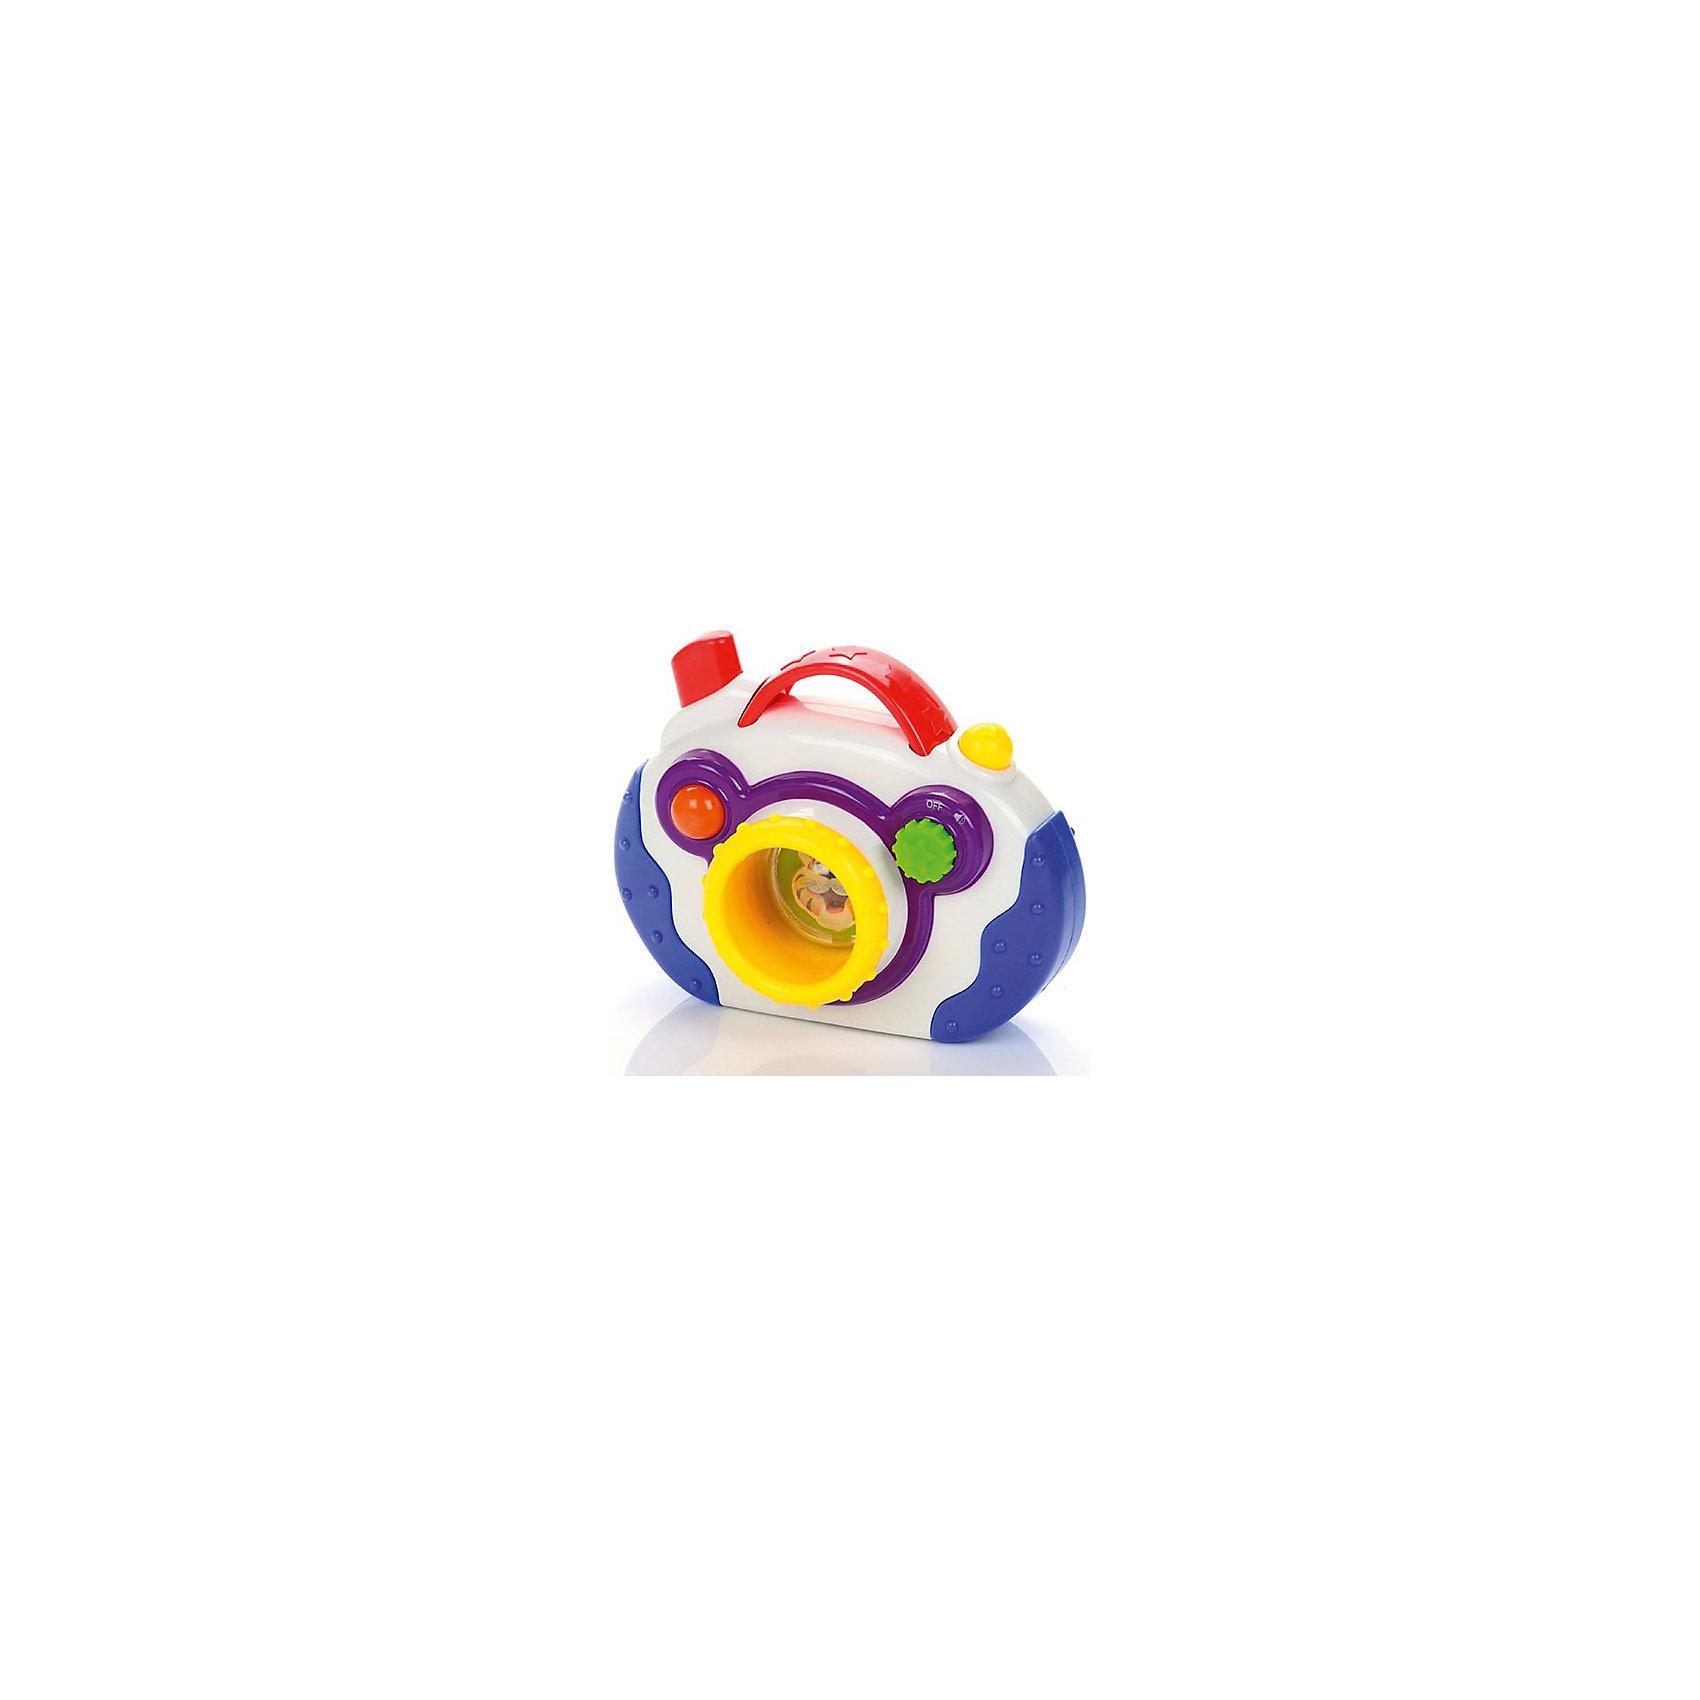 Развивающая игрушка Фотоаппарат, со светом и звуком, МалышарикиИнтерактивные игрушки для малышей<br>Развивающая игрушка Фотоаппарат, со светом и звуком, Малышарики<br><br>Характеристики:<br><br>• световые и звуковые эффекты<br>• яркий дизайн<br>• развивает мелкую моторику, воображение, звуковое восприятие и внимательность<br>• материал: пластик<br>• размер игрушки: 12,5х10х6 см<br><br>Игрушка фотоаппарат по настоящему волшебная! Она может менять изображение при нажатии на кнопку и даже издает веселые звуки. Фотоаппарат имеет рельефную поверхность, что поможет развить мелкую моторику крохи. Играя, ребенок научится устанавливать причинно-следственные связи и будет развивать цветовое и звуковое восприятие. Все материалы, использованные при изготовлении игрушки, безопасны для детей. Яркий фотоаппарат с множеством кнопок - прекрасный подарок для вашего малыша!<br><br>Развивающую игрушку Фотоаппарат, со светом и звуком, Малышарики вы можете купить в нашем интернет-магазине.<br><br>Ширина мм: 210<br>Глубина мм: 160<br>Высота мм: 78<br>Вес г: 271<br>Возраст от месяцев: 12<br>Возраст до месяцев: 36<br>Пол: Унисекс<br>Возраст: Детский<br>SKU: 4342854